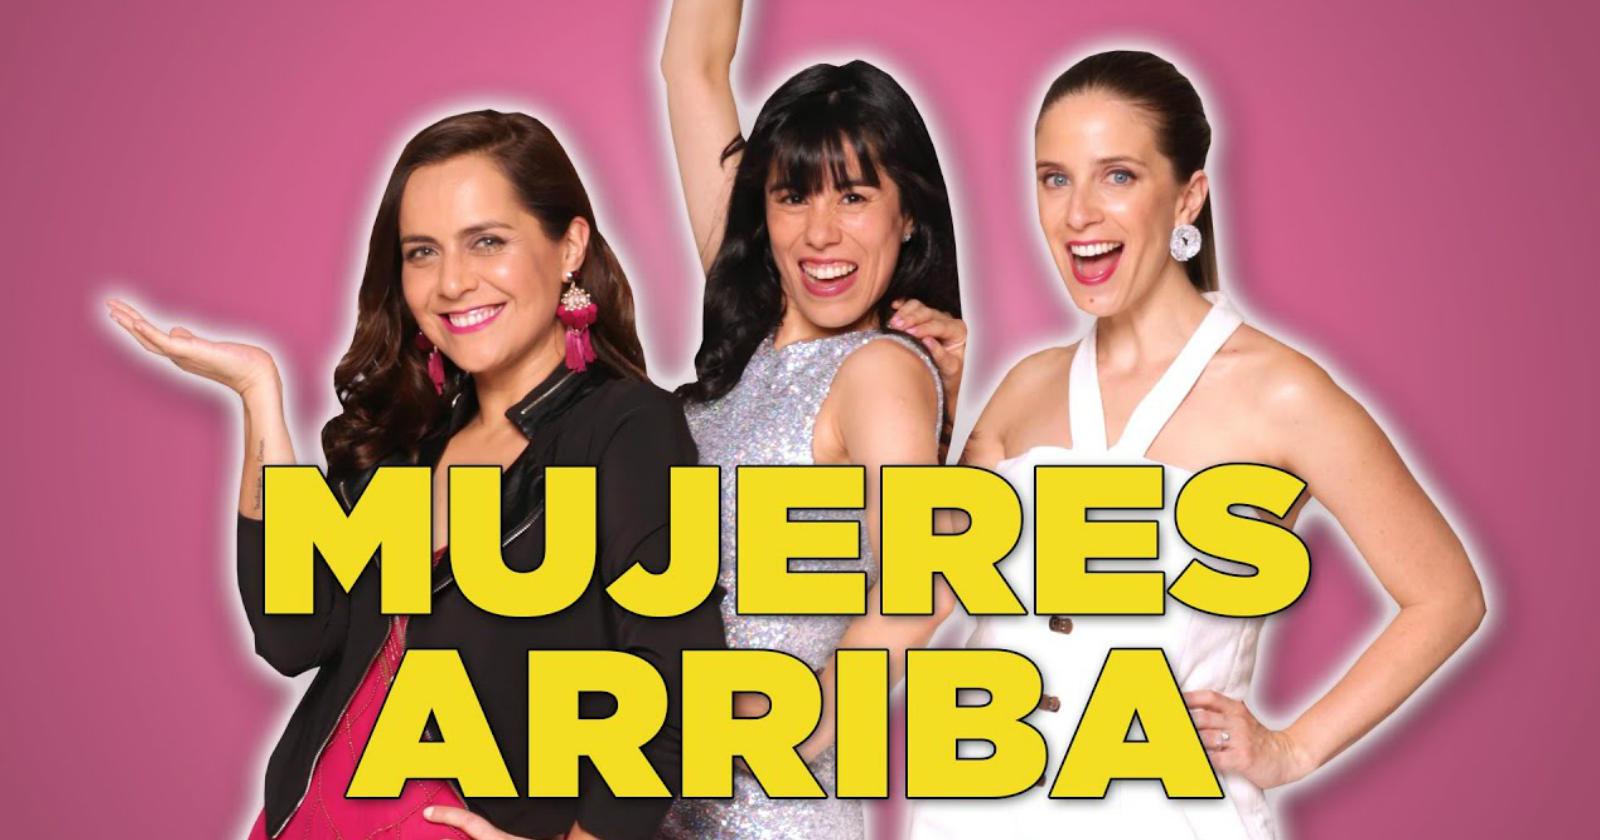 Mujeres Arriba es la nueva película chilena que se sumó al catálogo de Netflix